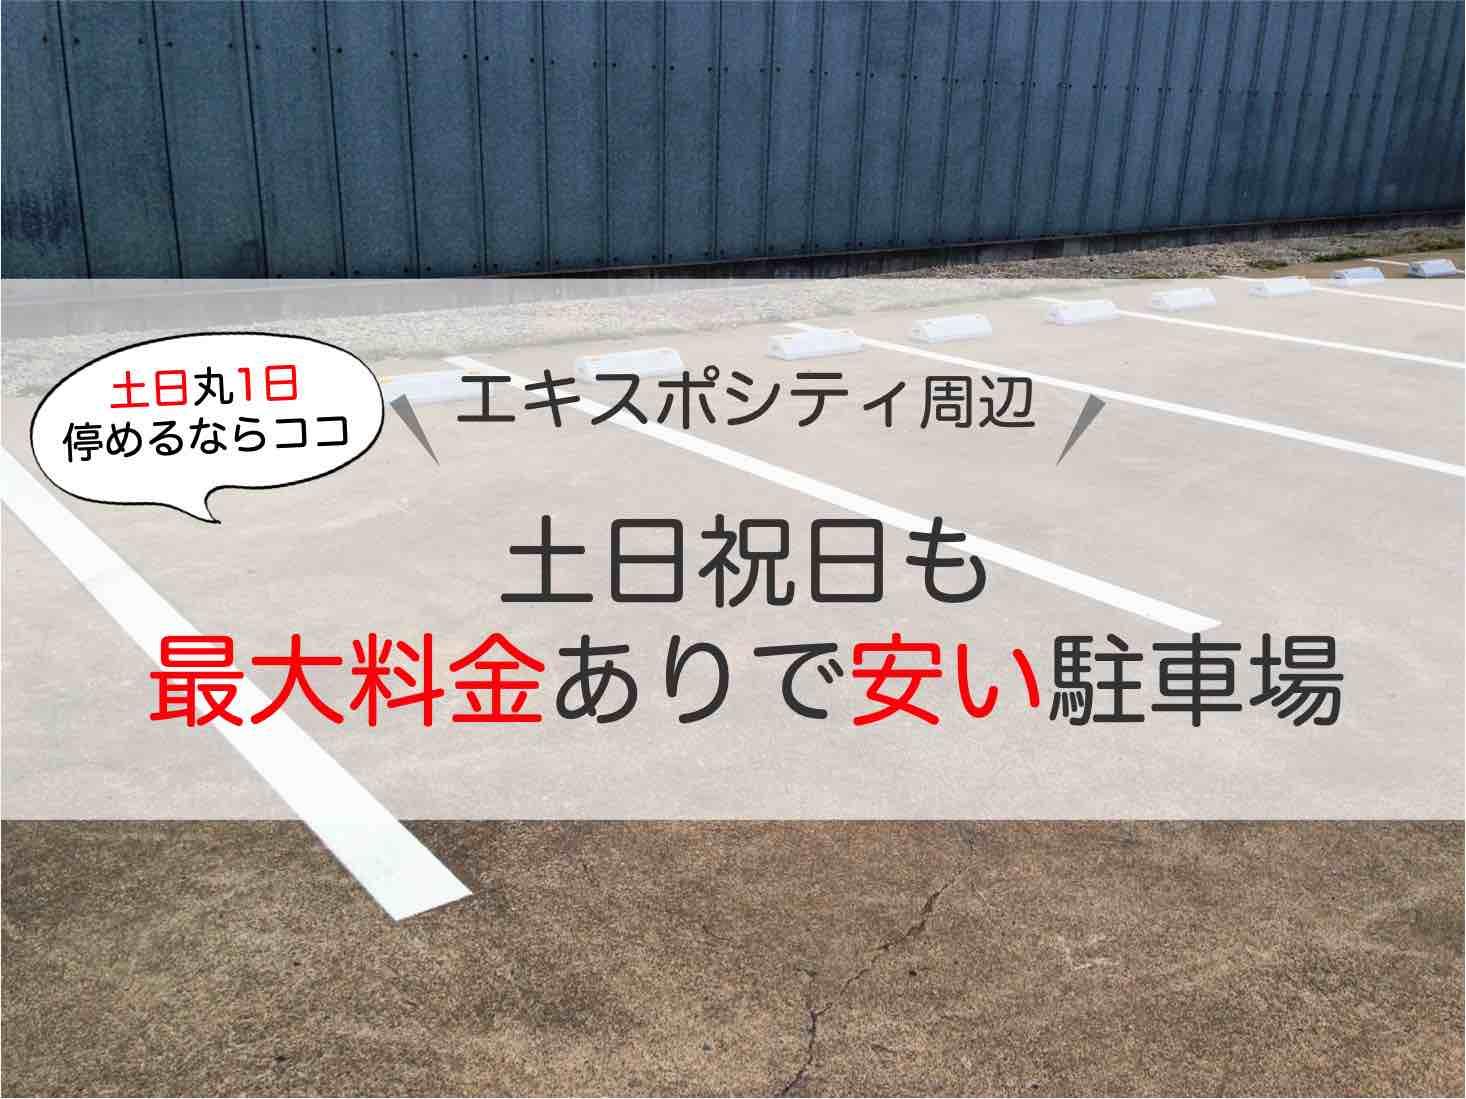 エキスポシティ_駐車場_安い